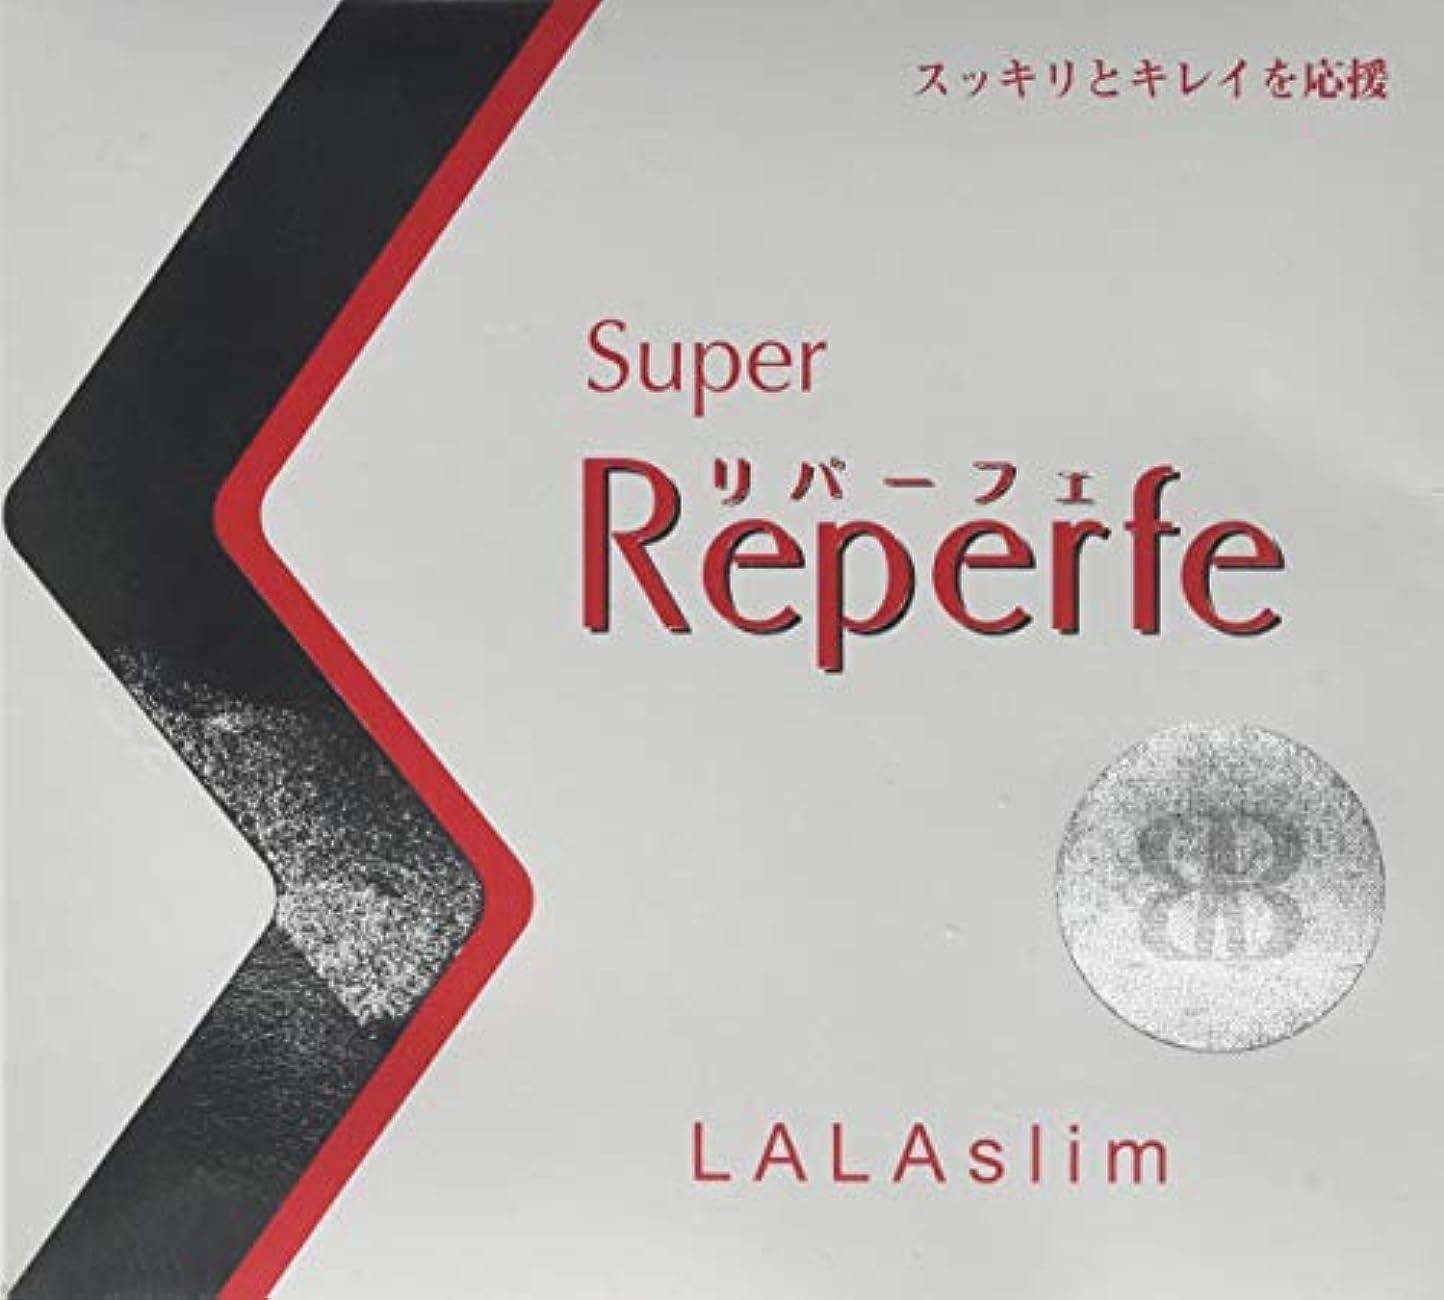 ロータリー和らげる上にスーパーリパーフェ ララスリム 錠剤タイプ×5箱